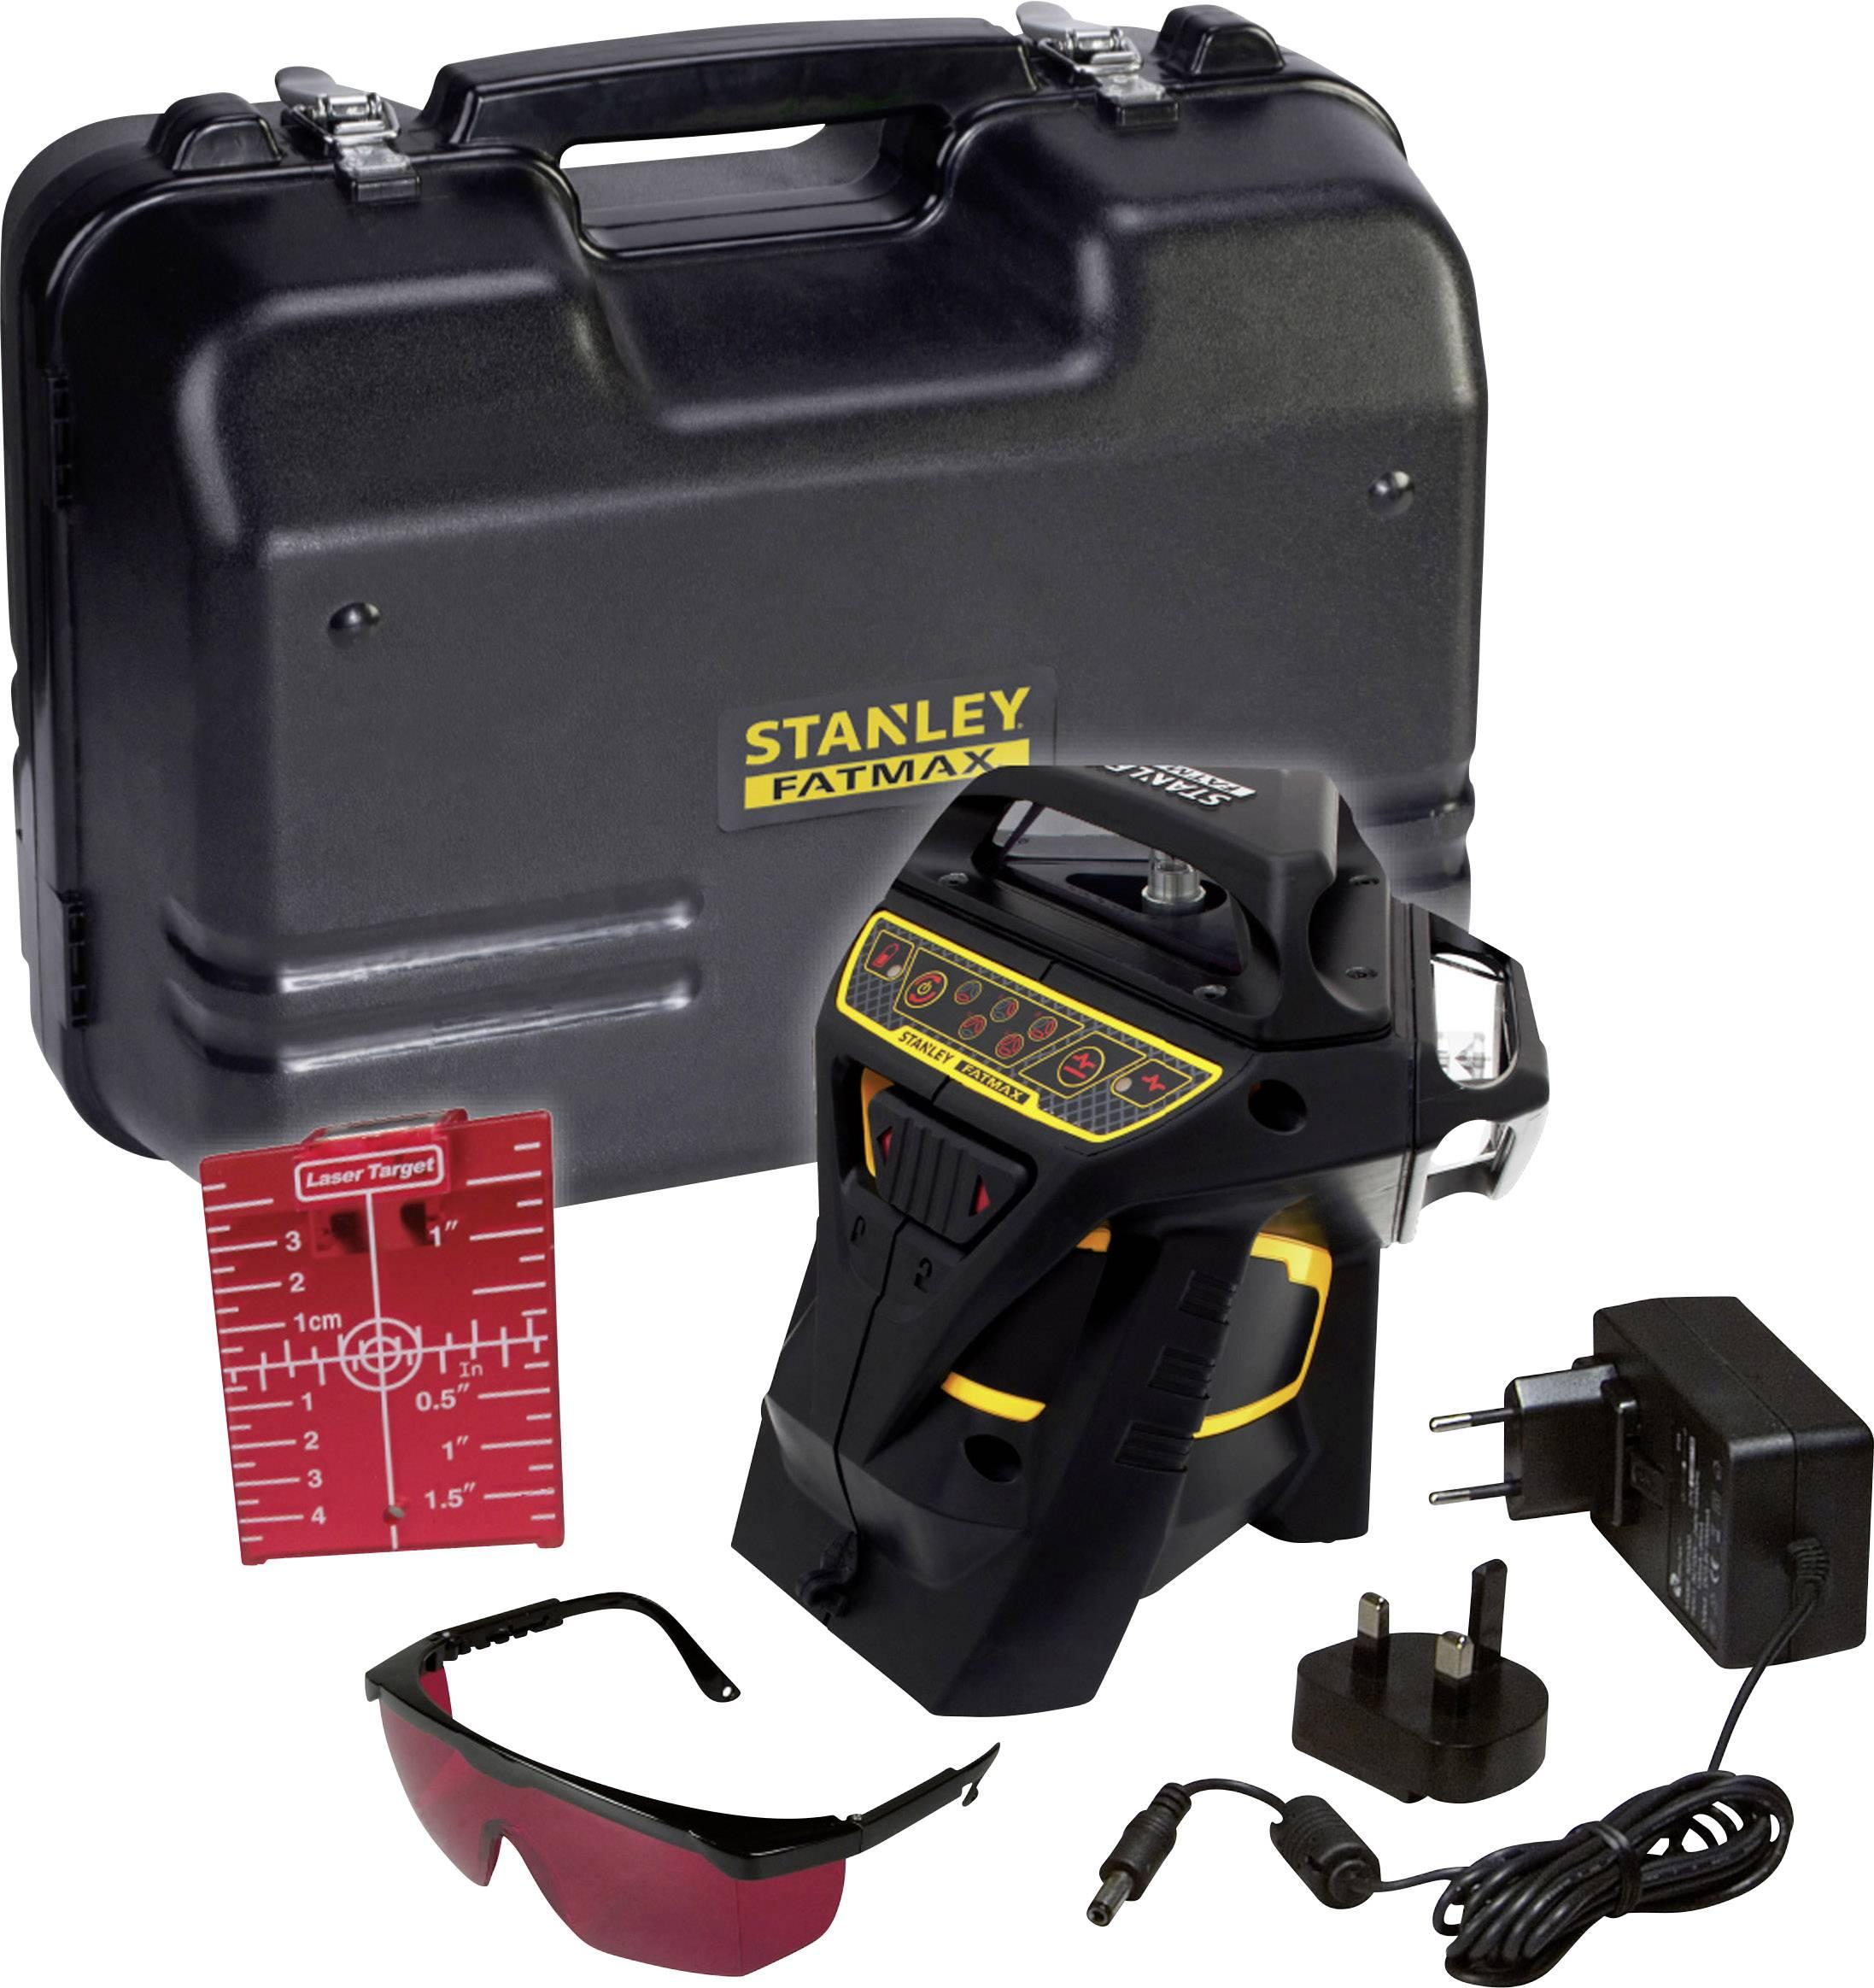 Křížová laserová vodováha samonivelační Stanley by Black & Decker FatMax X3R, dosah (max.): 20 m, Kalibrováno dle: bez certifikátu